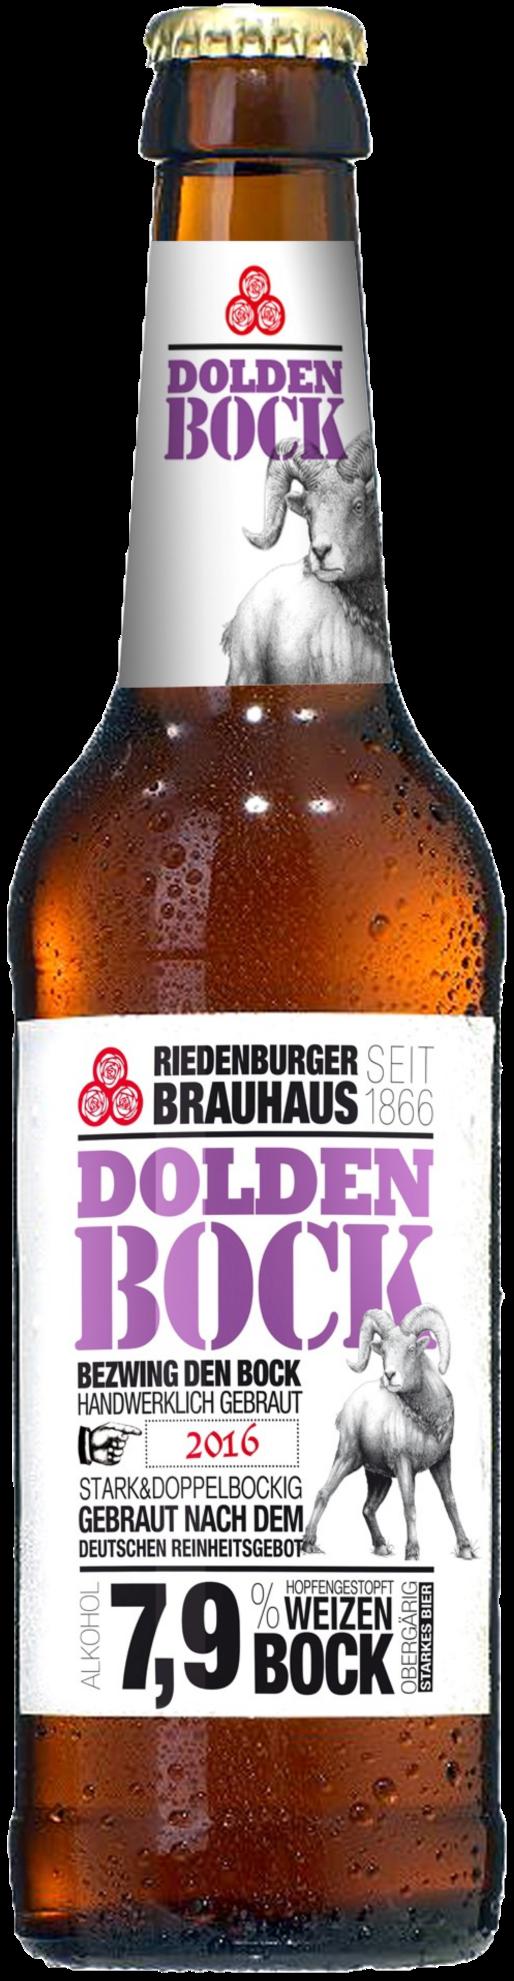 Dolden Bock